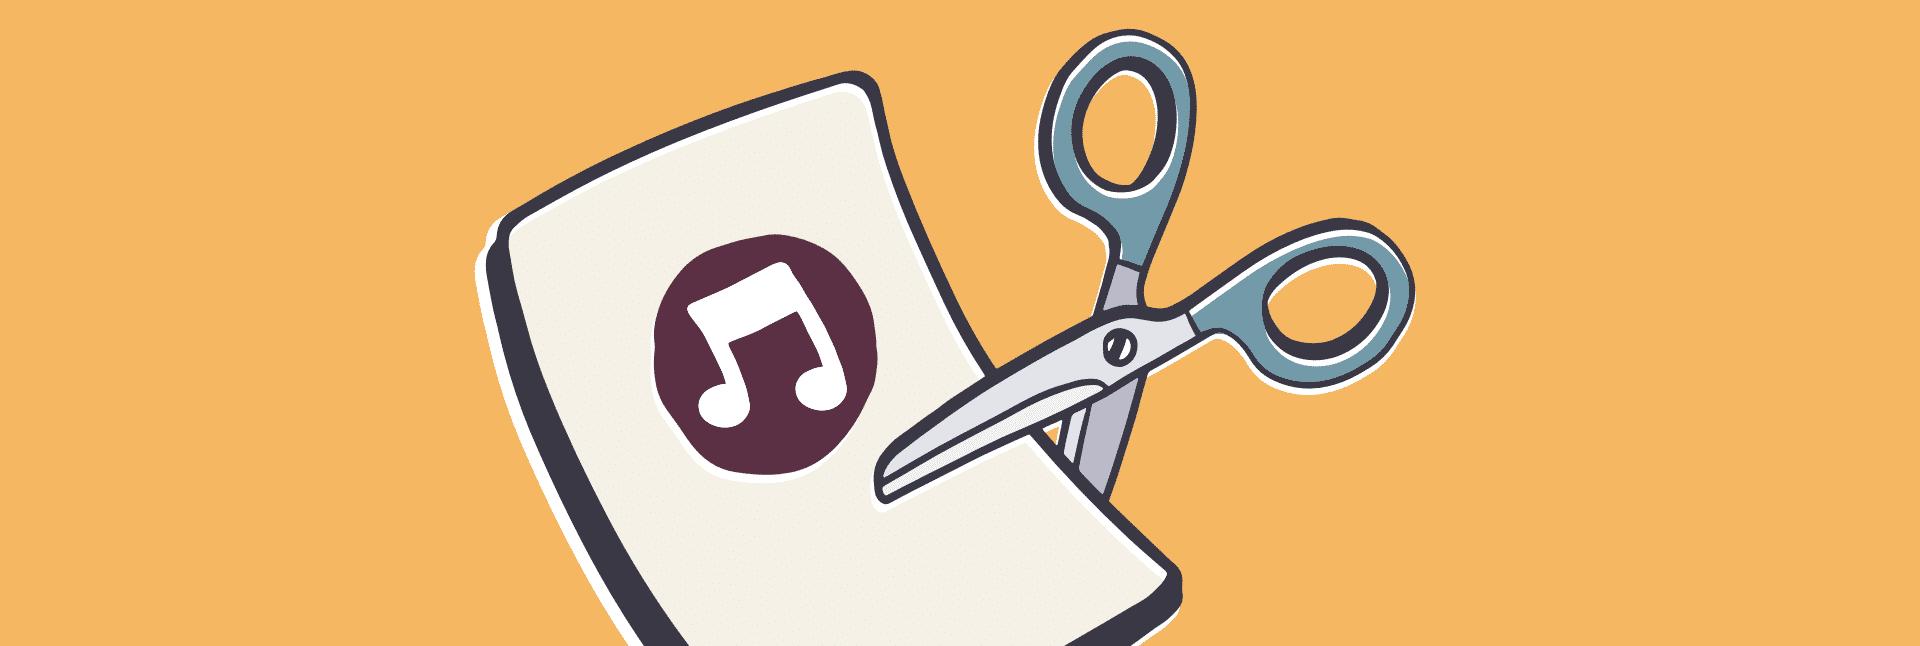 Trim-Potong-File-MP3